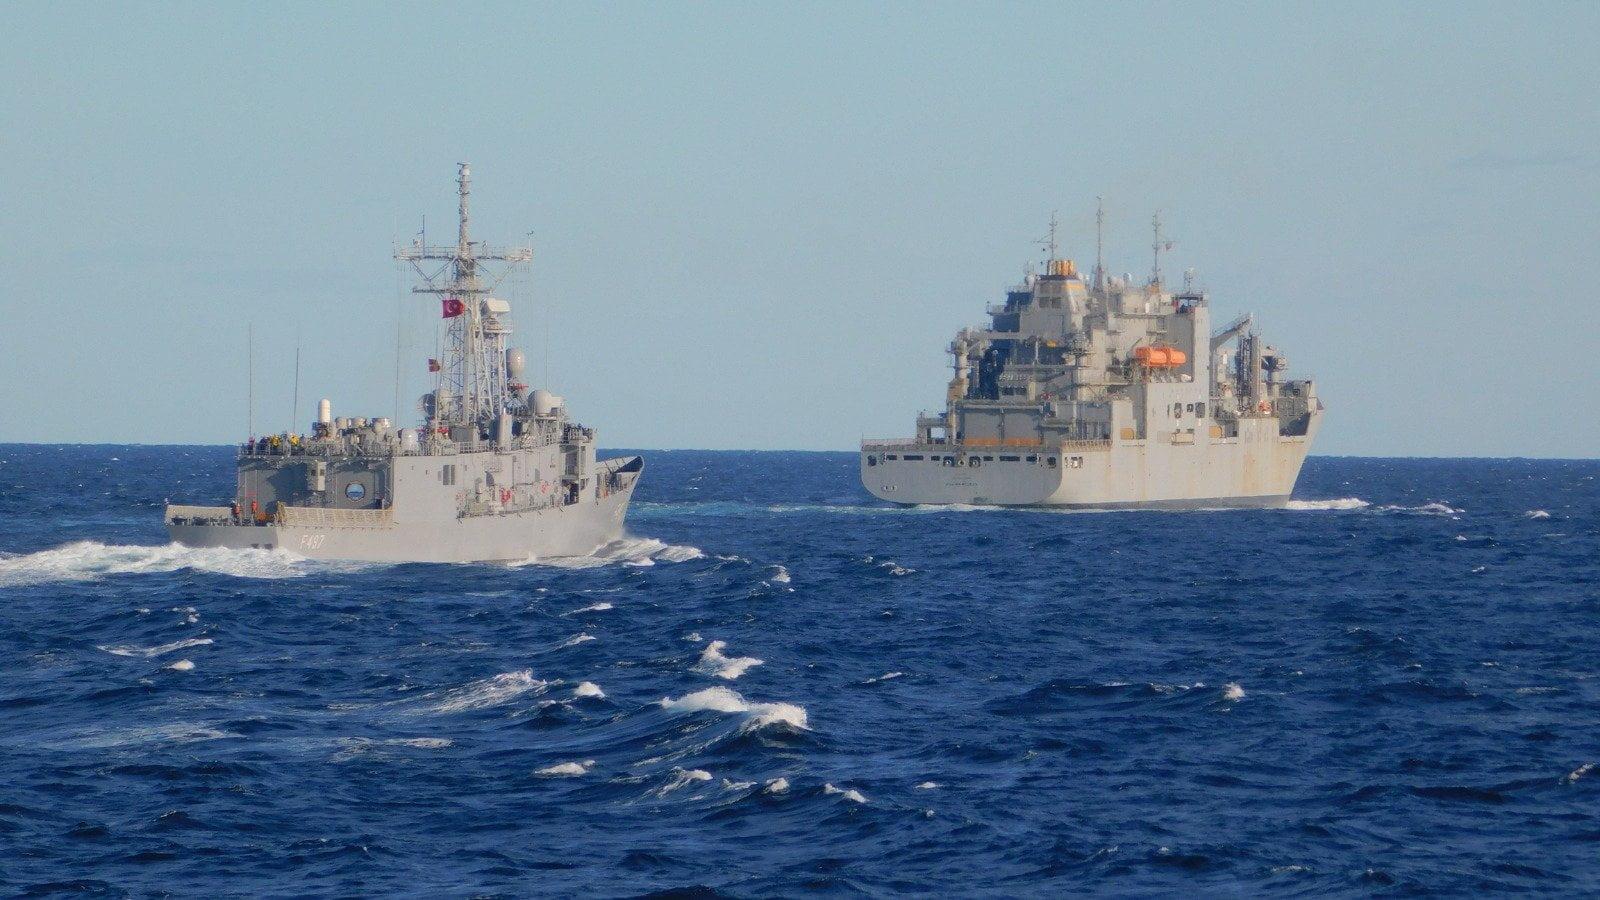 Δύο τουρκικές φρεγάτες ανοιχτά των λιβυκών ακτών – Ρόλο προστάτιδας δύναμης διεκδικεί η Άγκυρα – Σε ετοιμότητα το ελληνικό Πολεμικό Ναυτικό